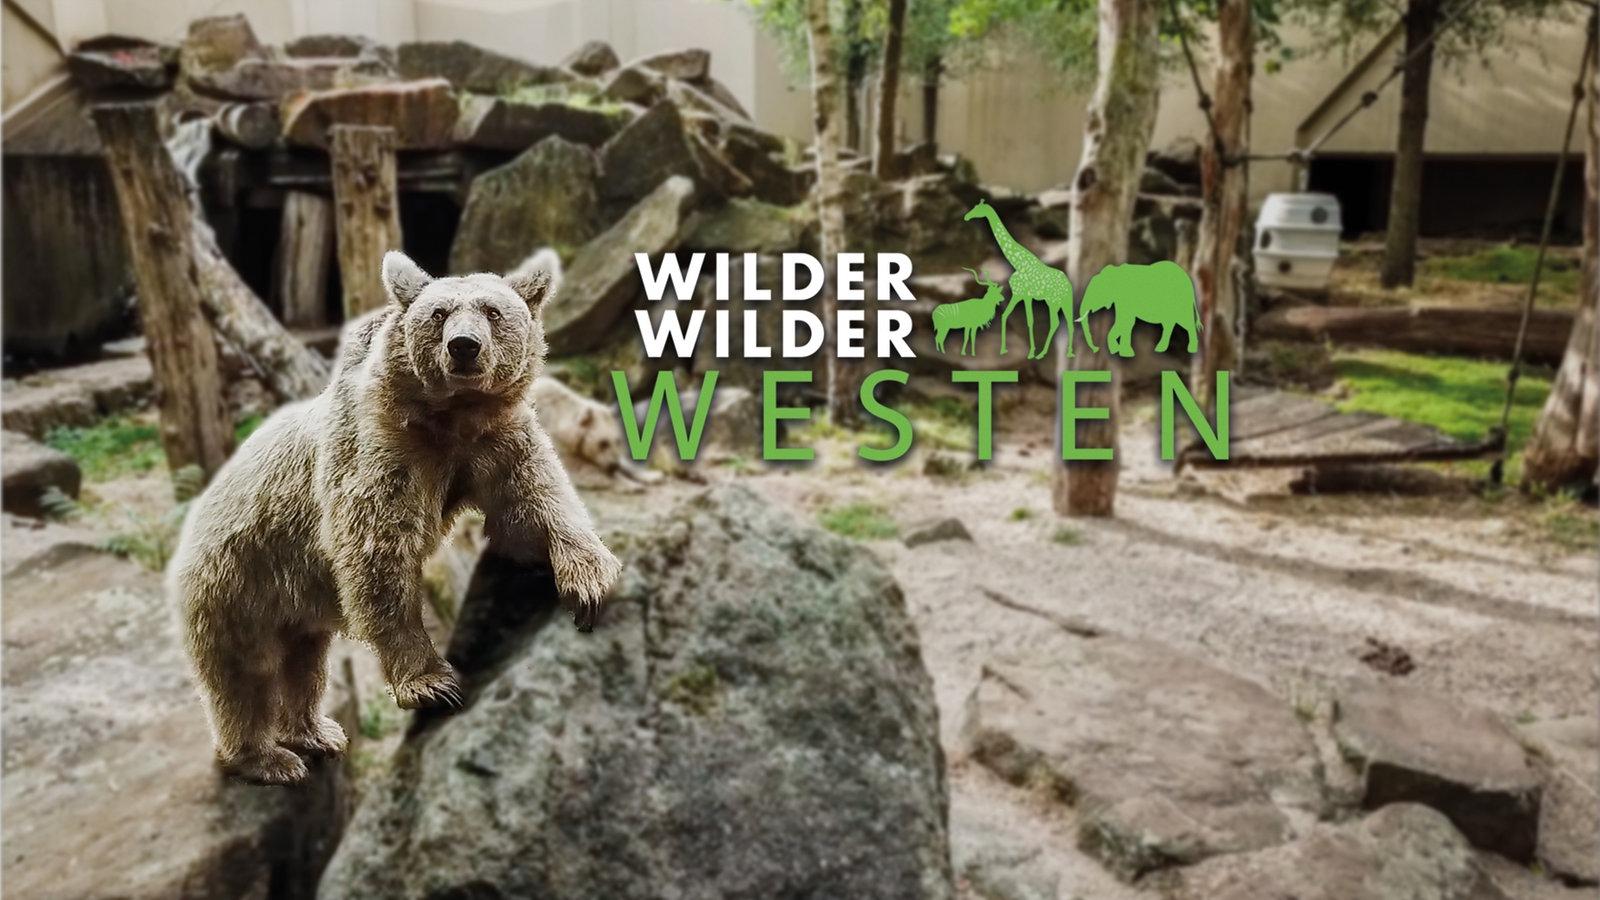 Wilder Wilder Westen Wdr